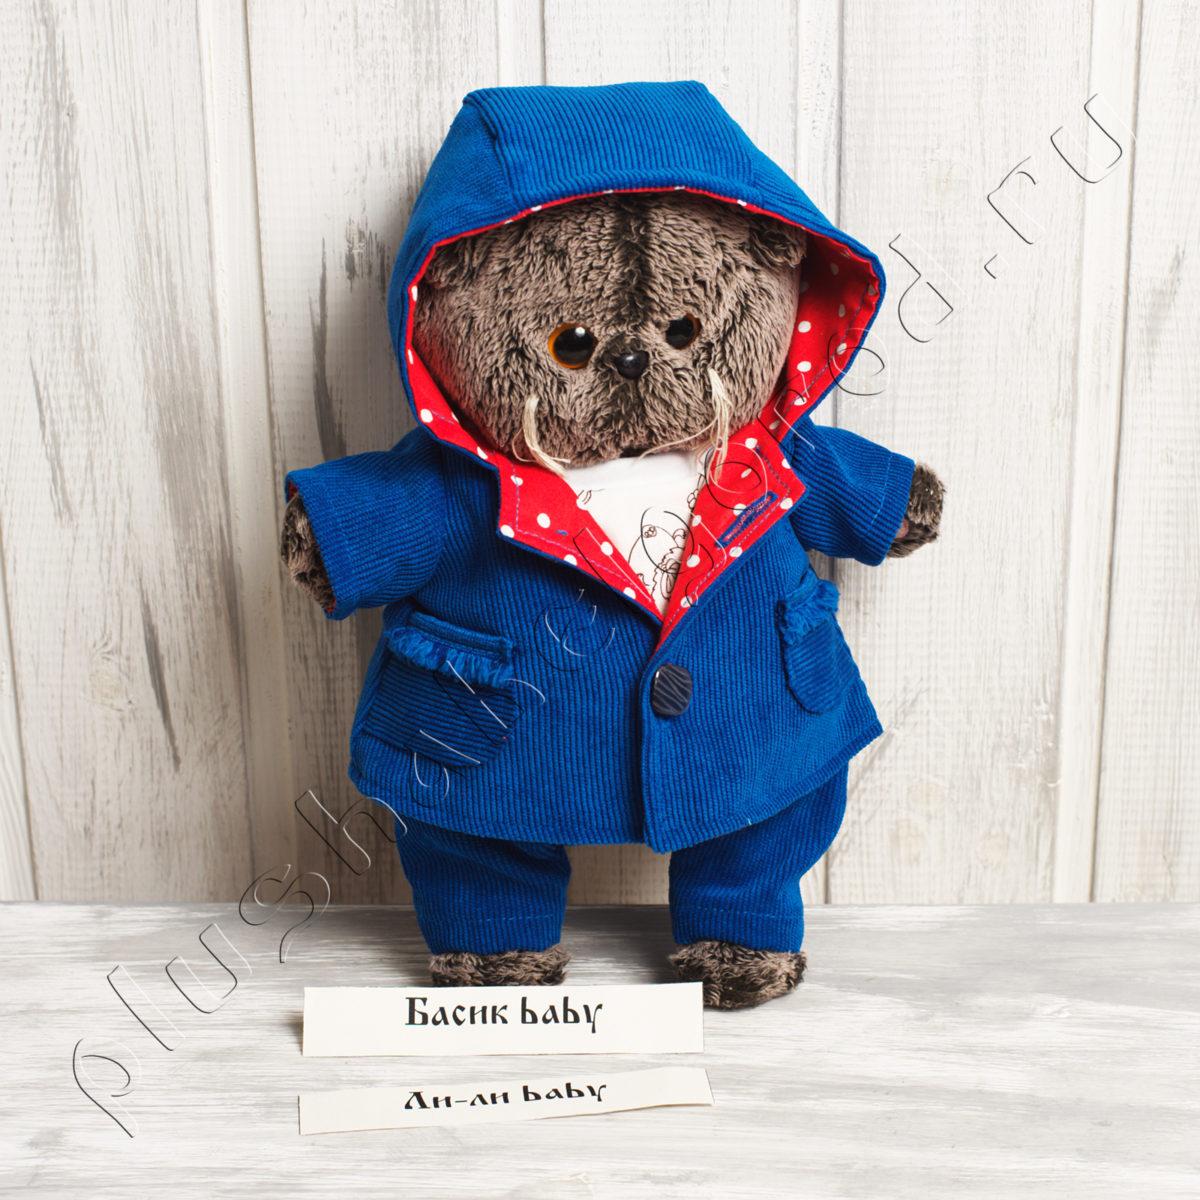 Акция! Выгода 100р. Пальто вельветовое, брюки и футболка